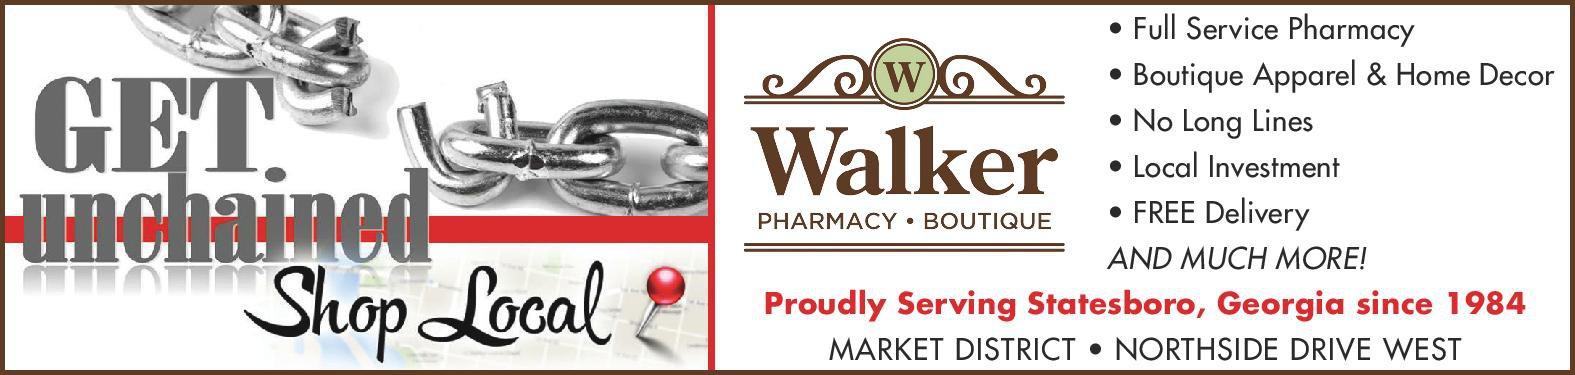 WalkerPharmacy.jpg